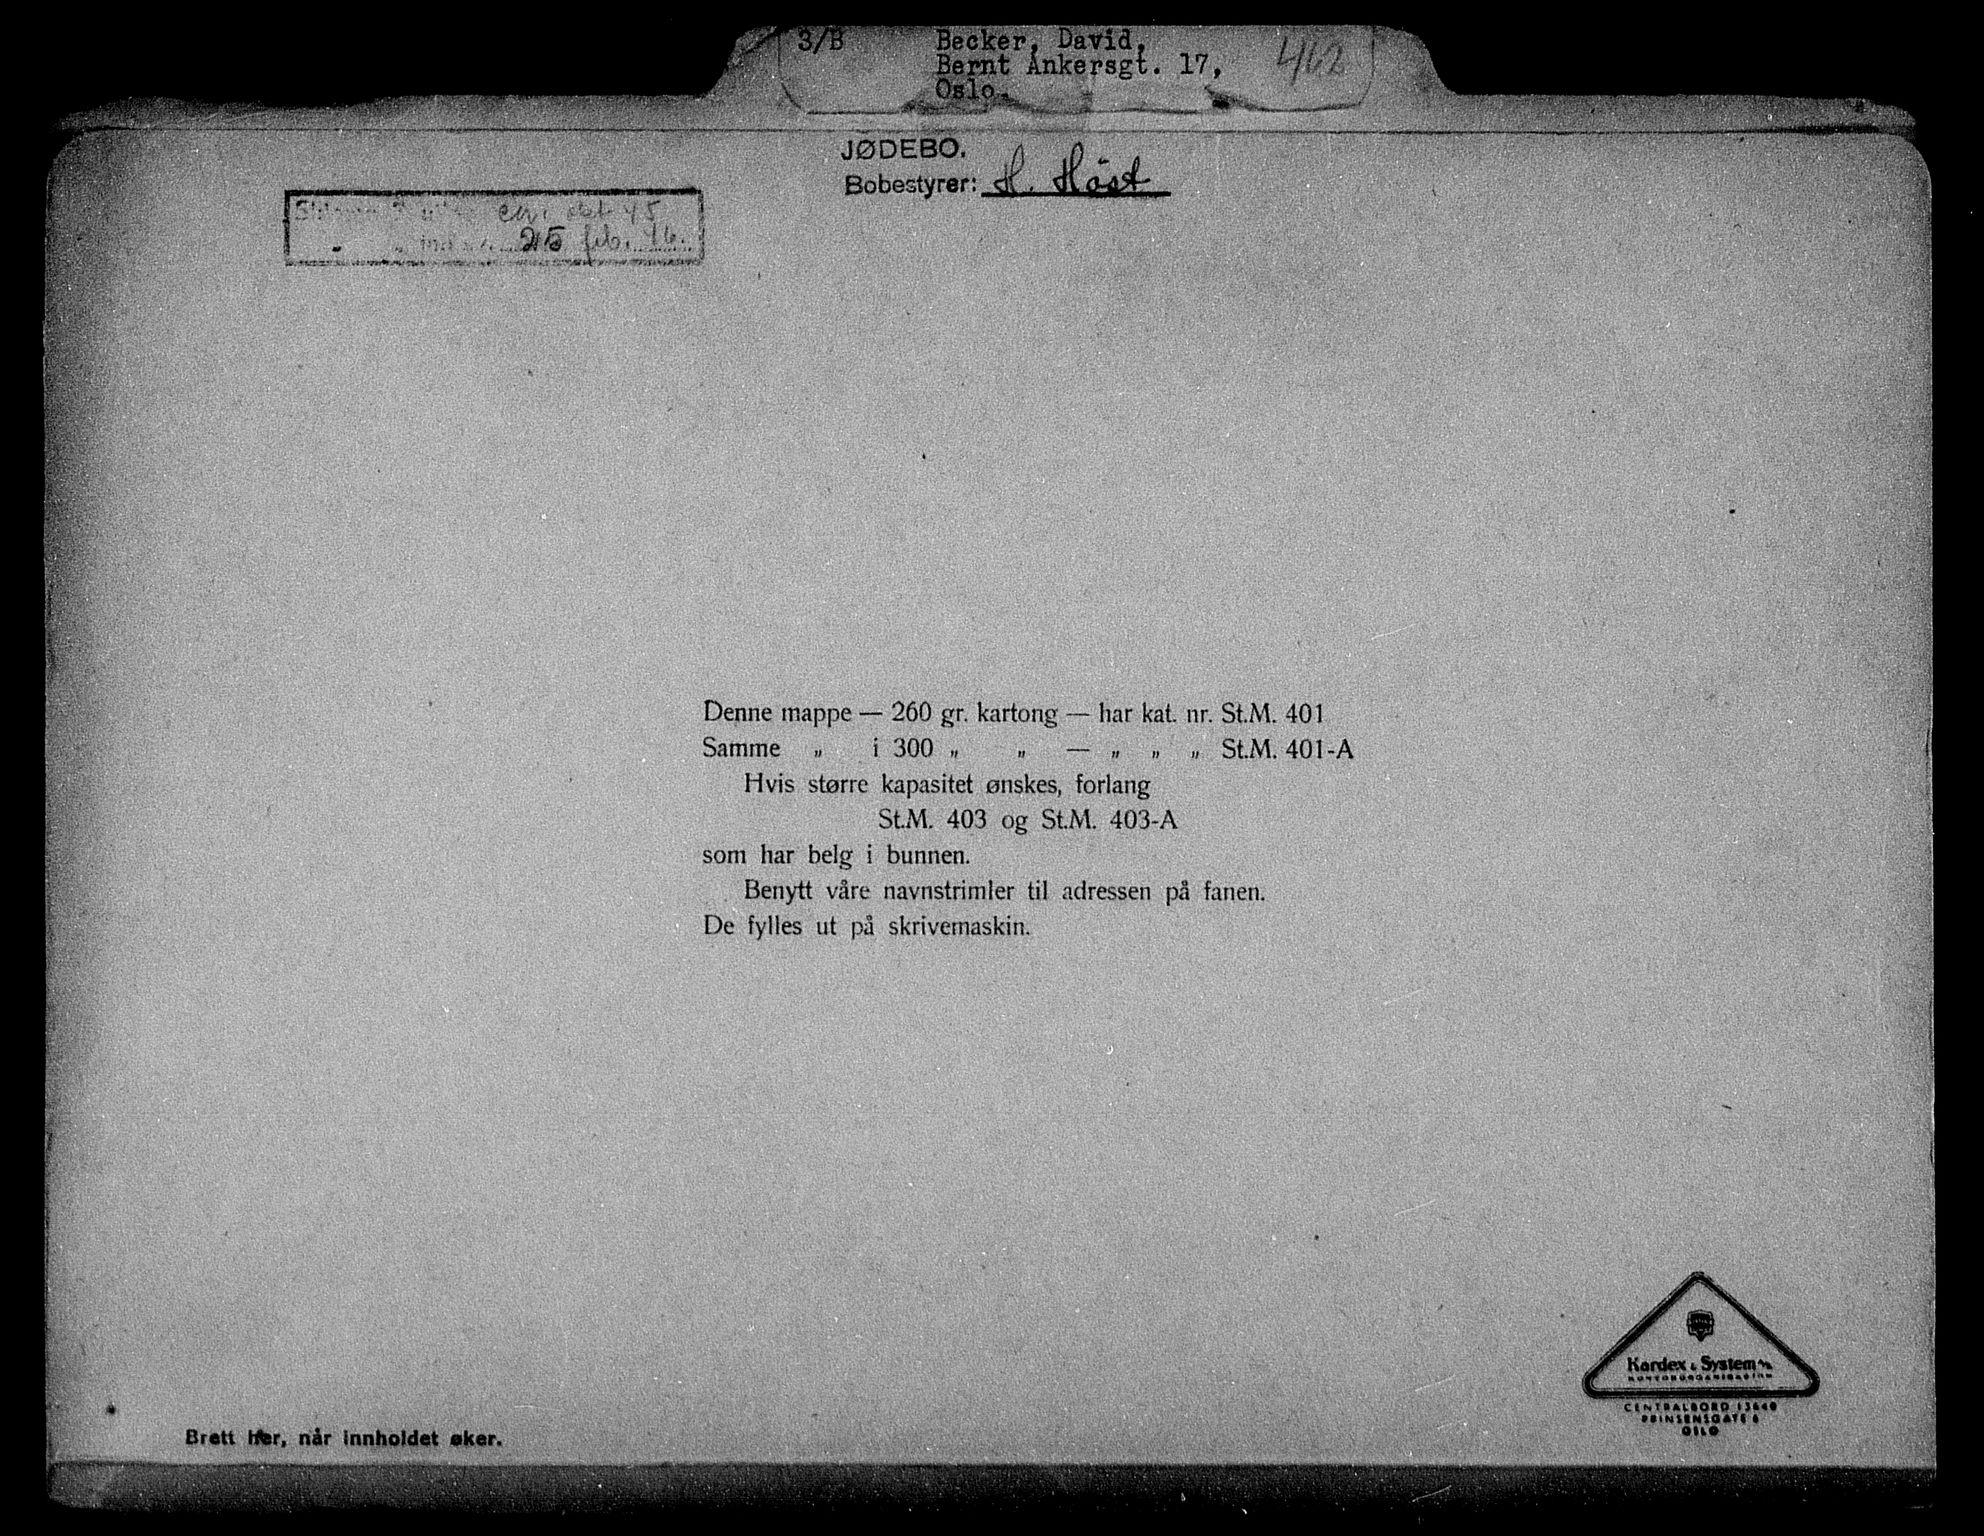 RA, Justisdepartementet, Tilbakeføringskontoret for inndratte formuer, H/Hc/Hcc/L0919: --, 1945-1947, s. 2